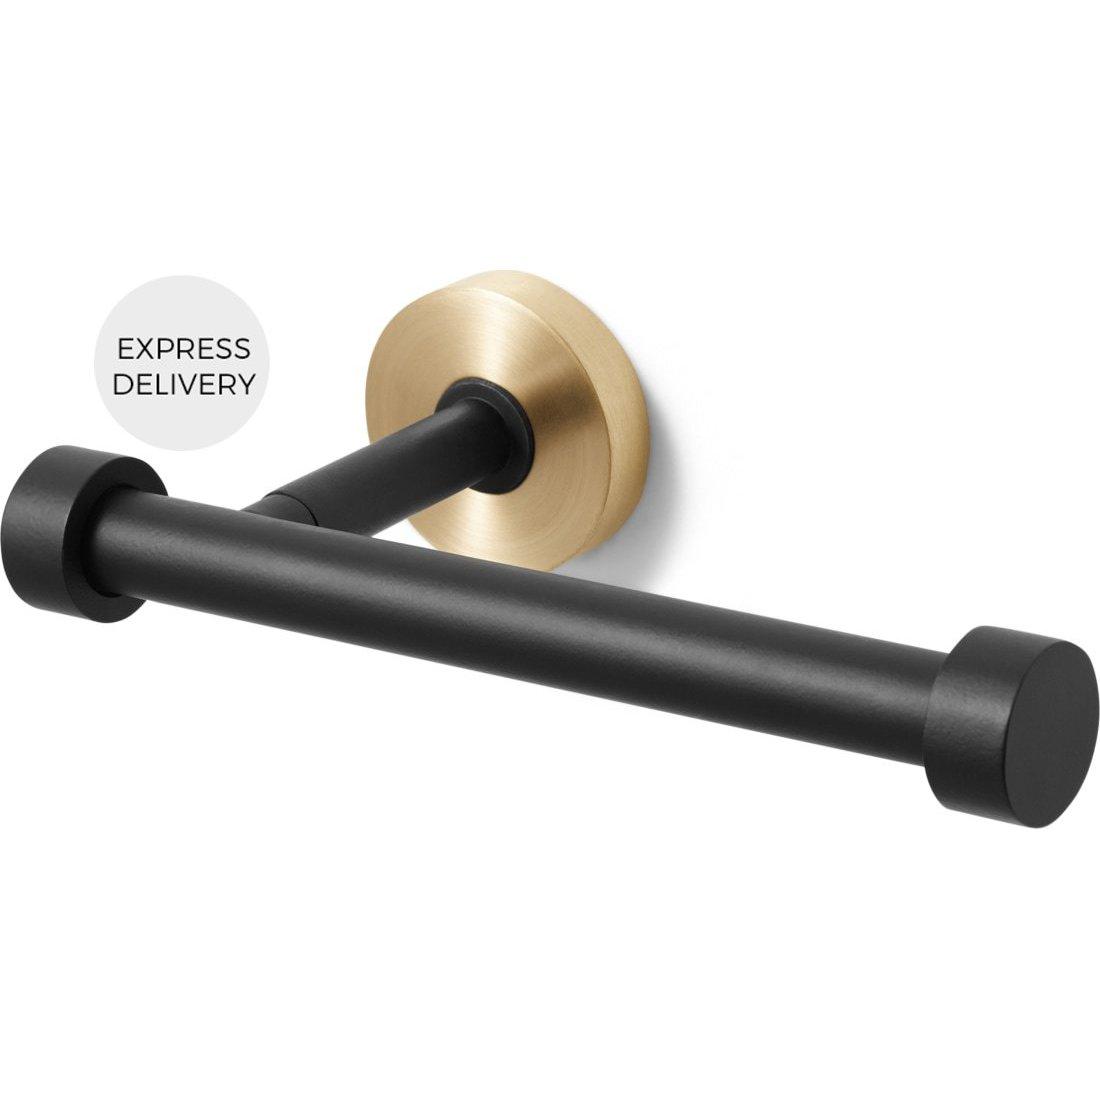 image-Zenia Toilet Roll Holder, Matt Black & Brushed Brass